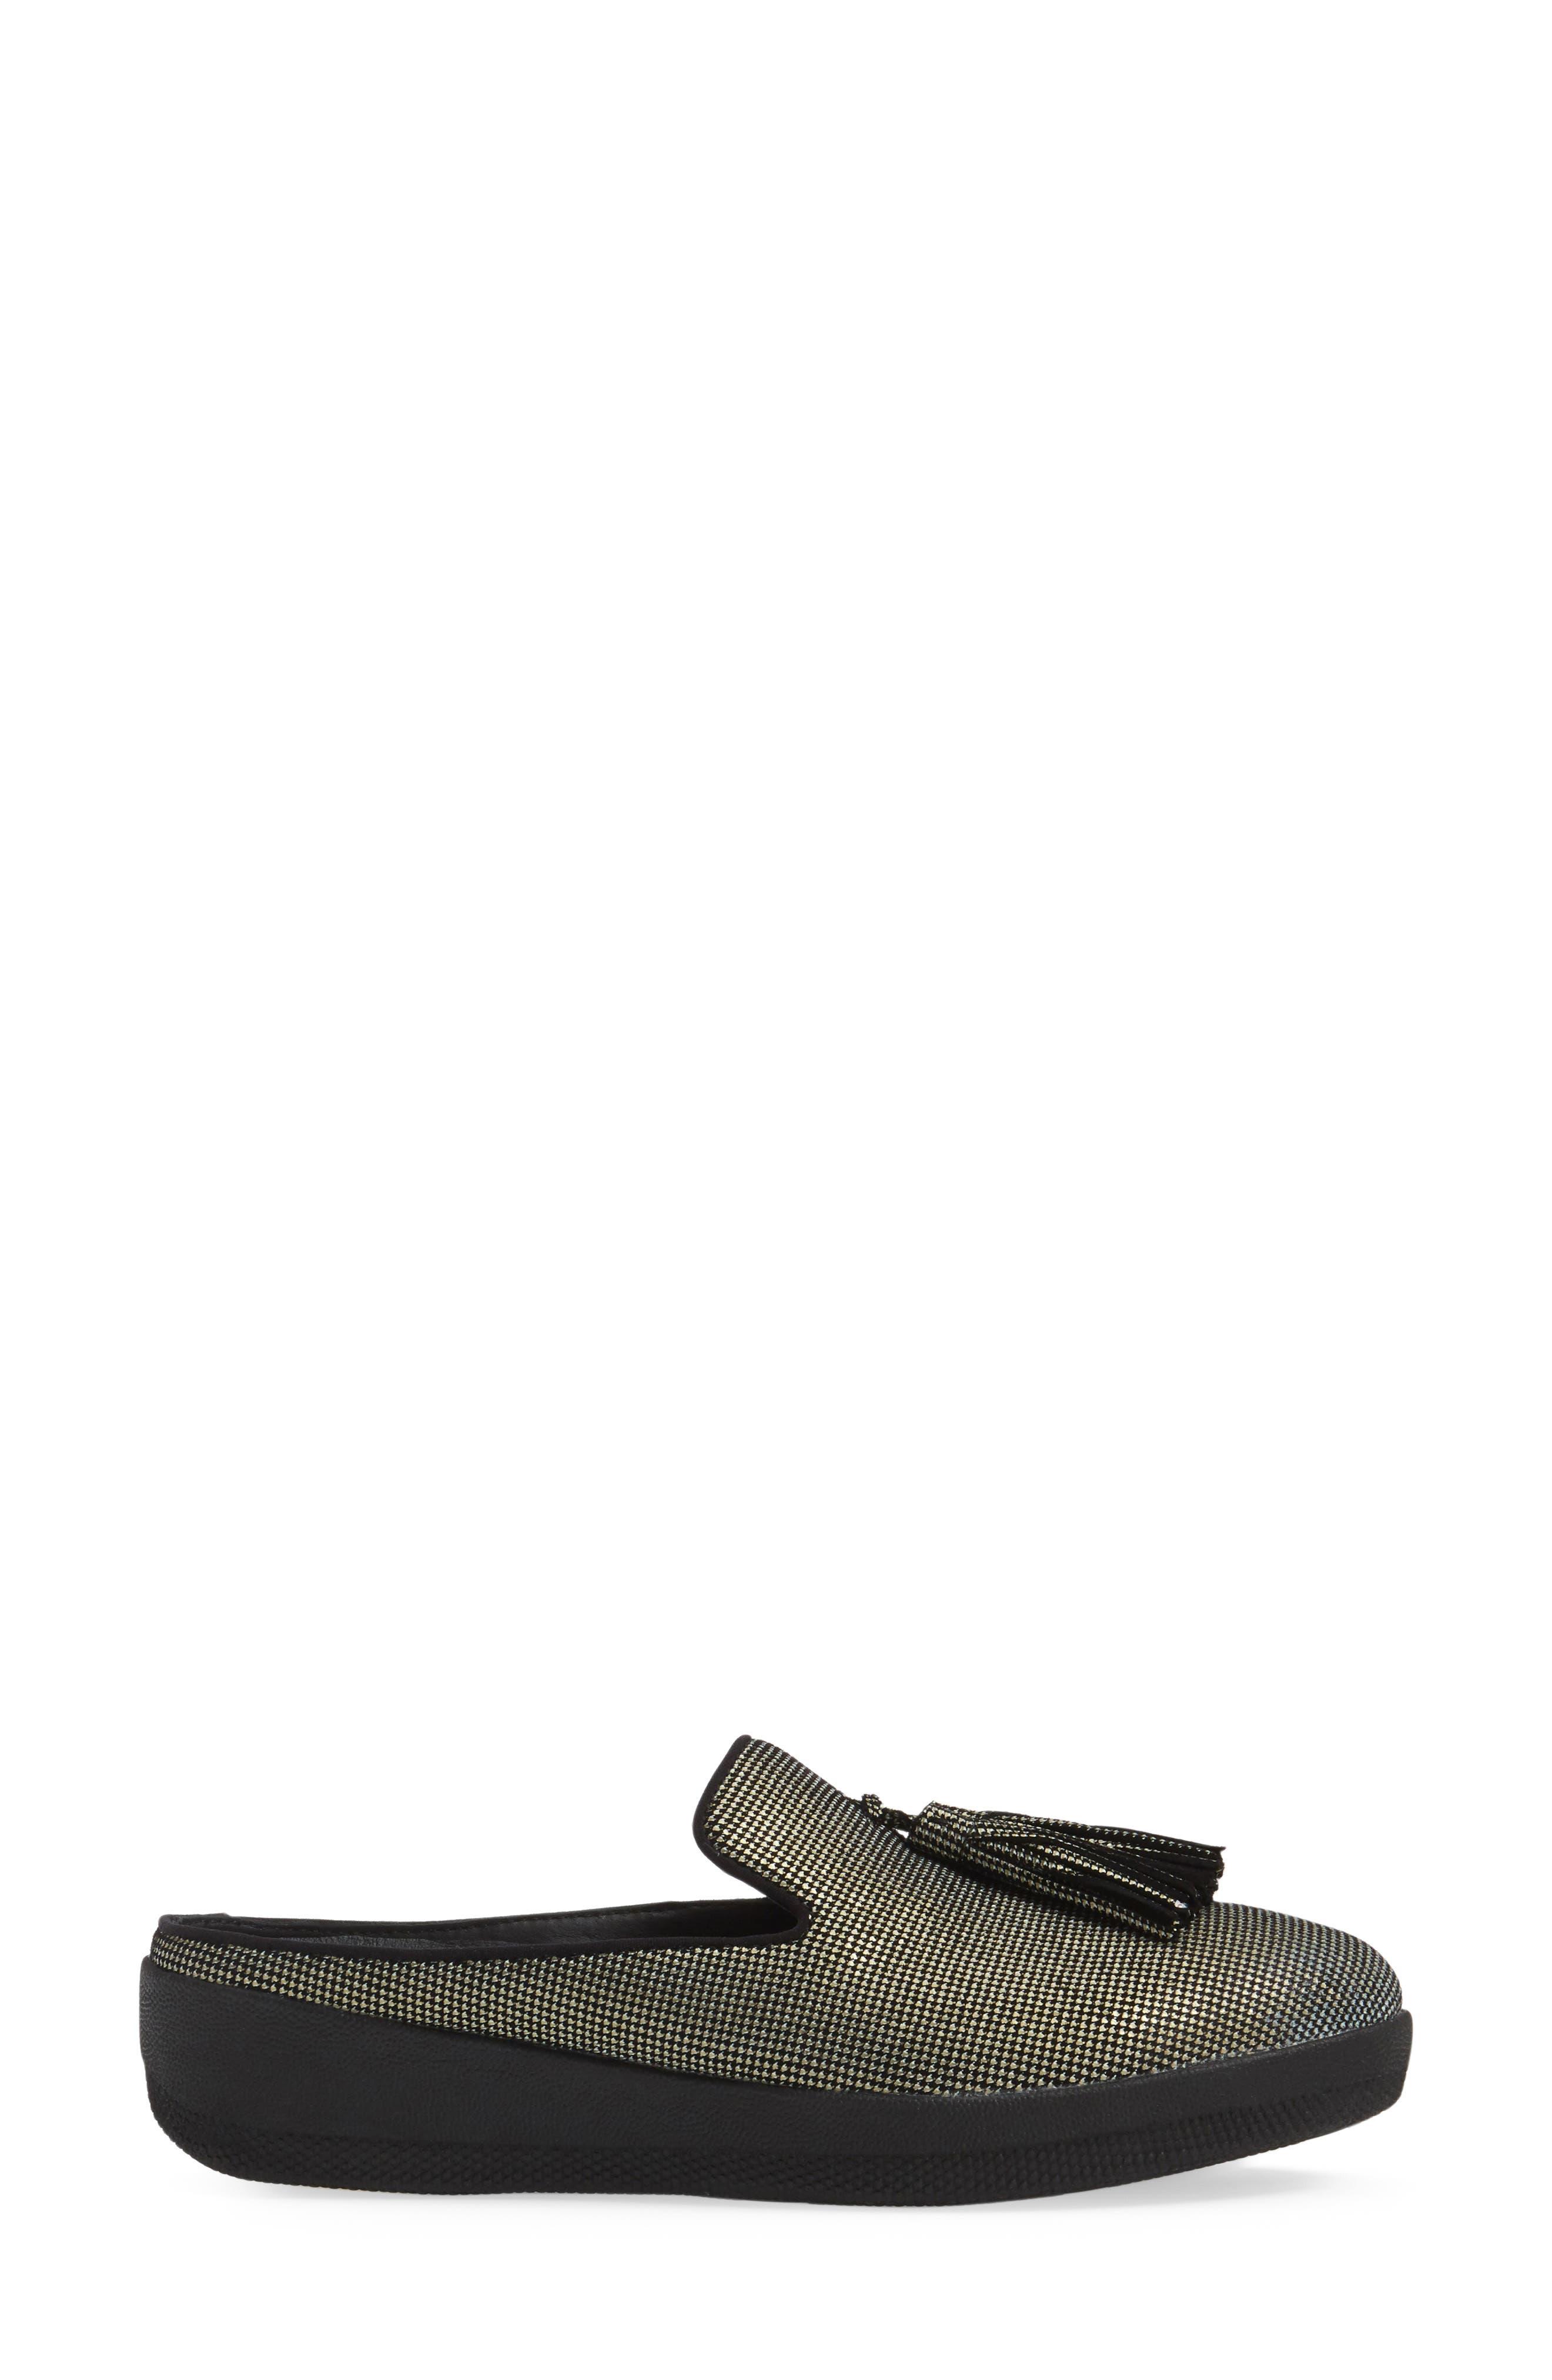 Superskate Slip-On Sneaker,                             Alternate thumbnail 10, color,